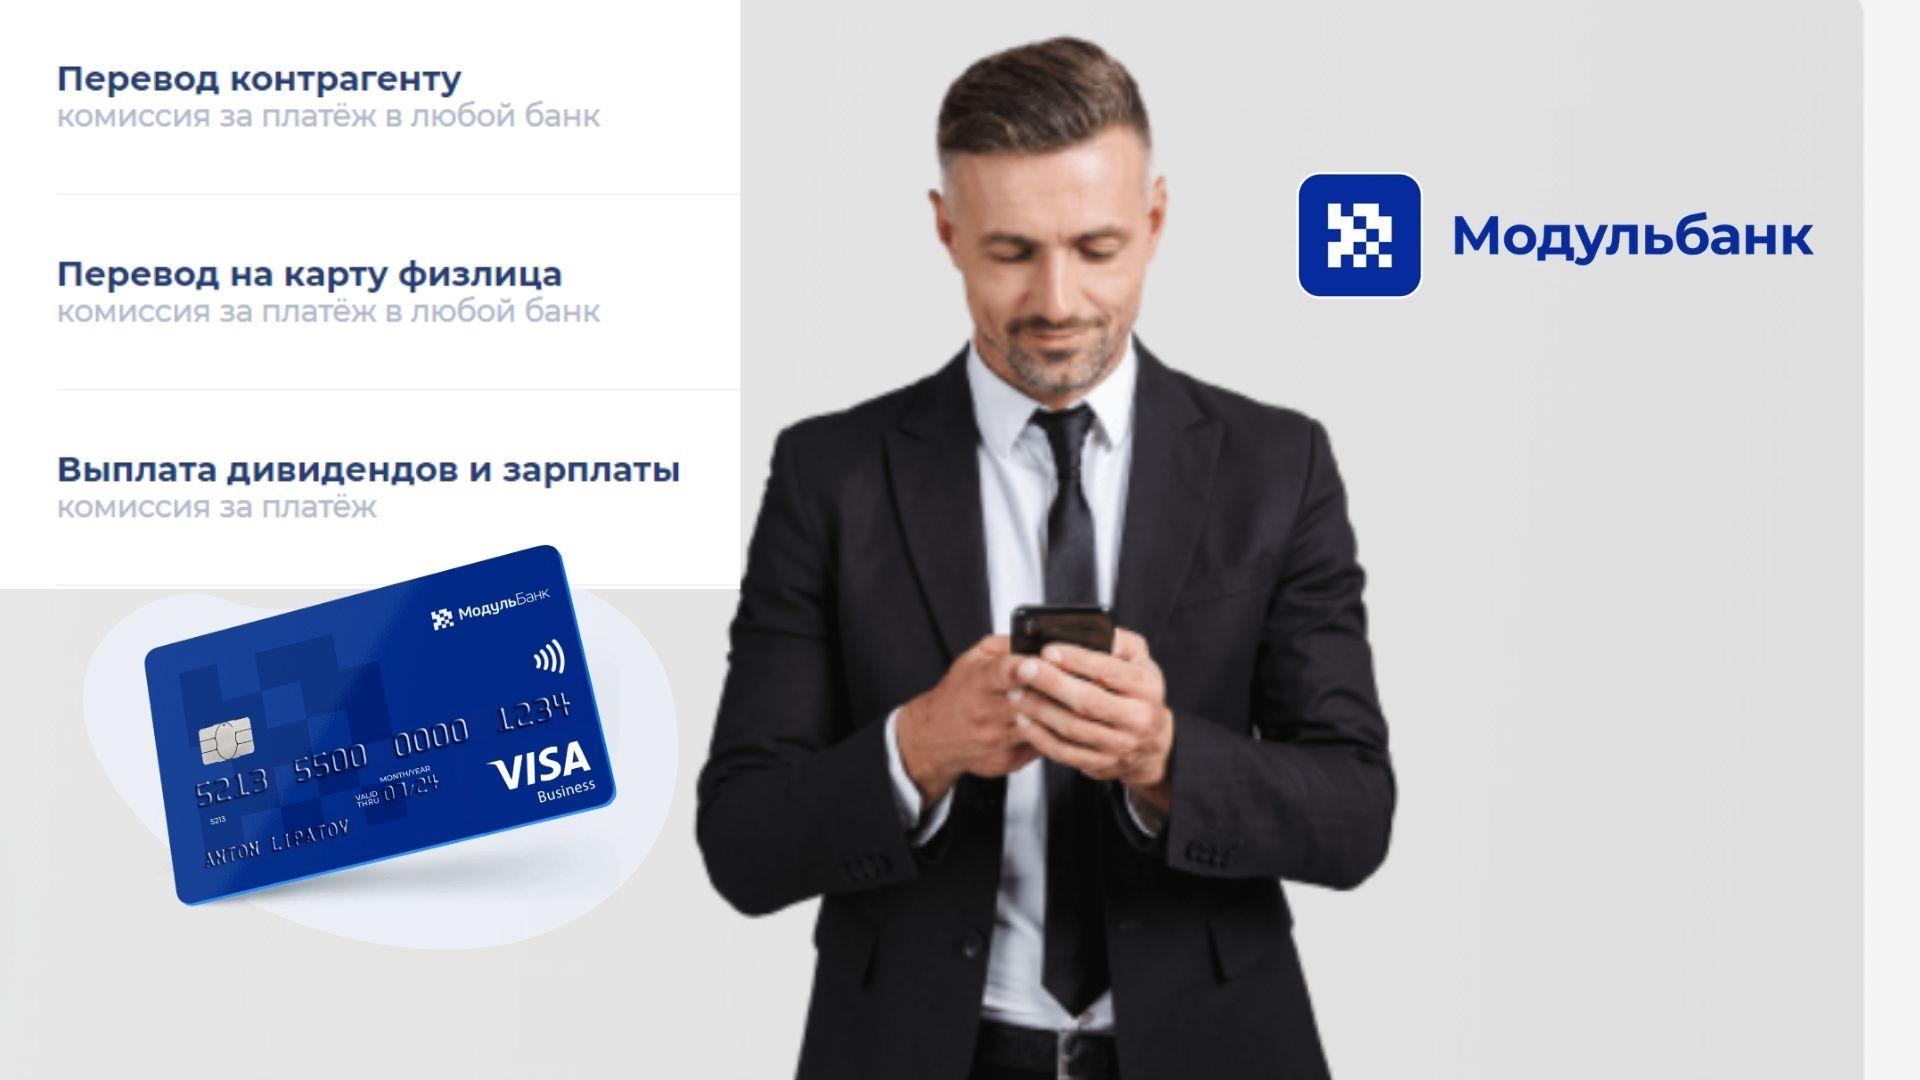 РКО. Корпоративная карта Модуль Банка для ИП и ООО